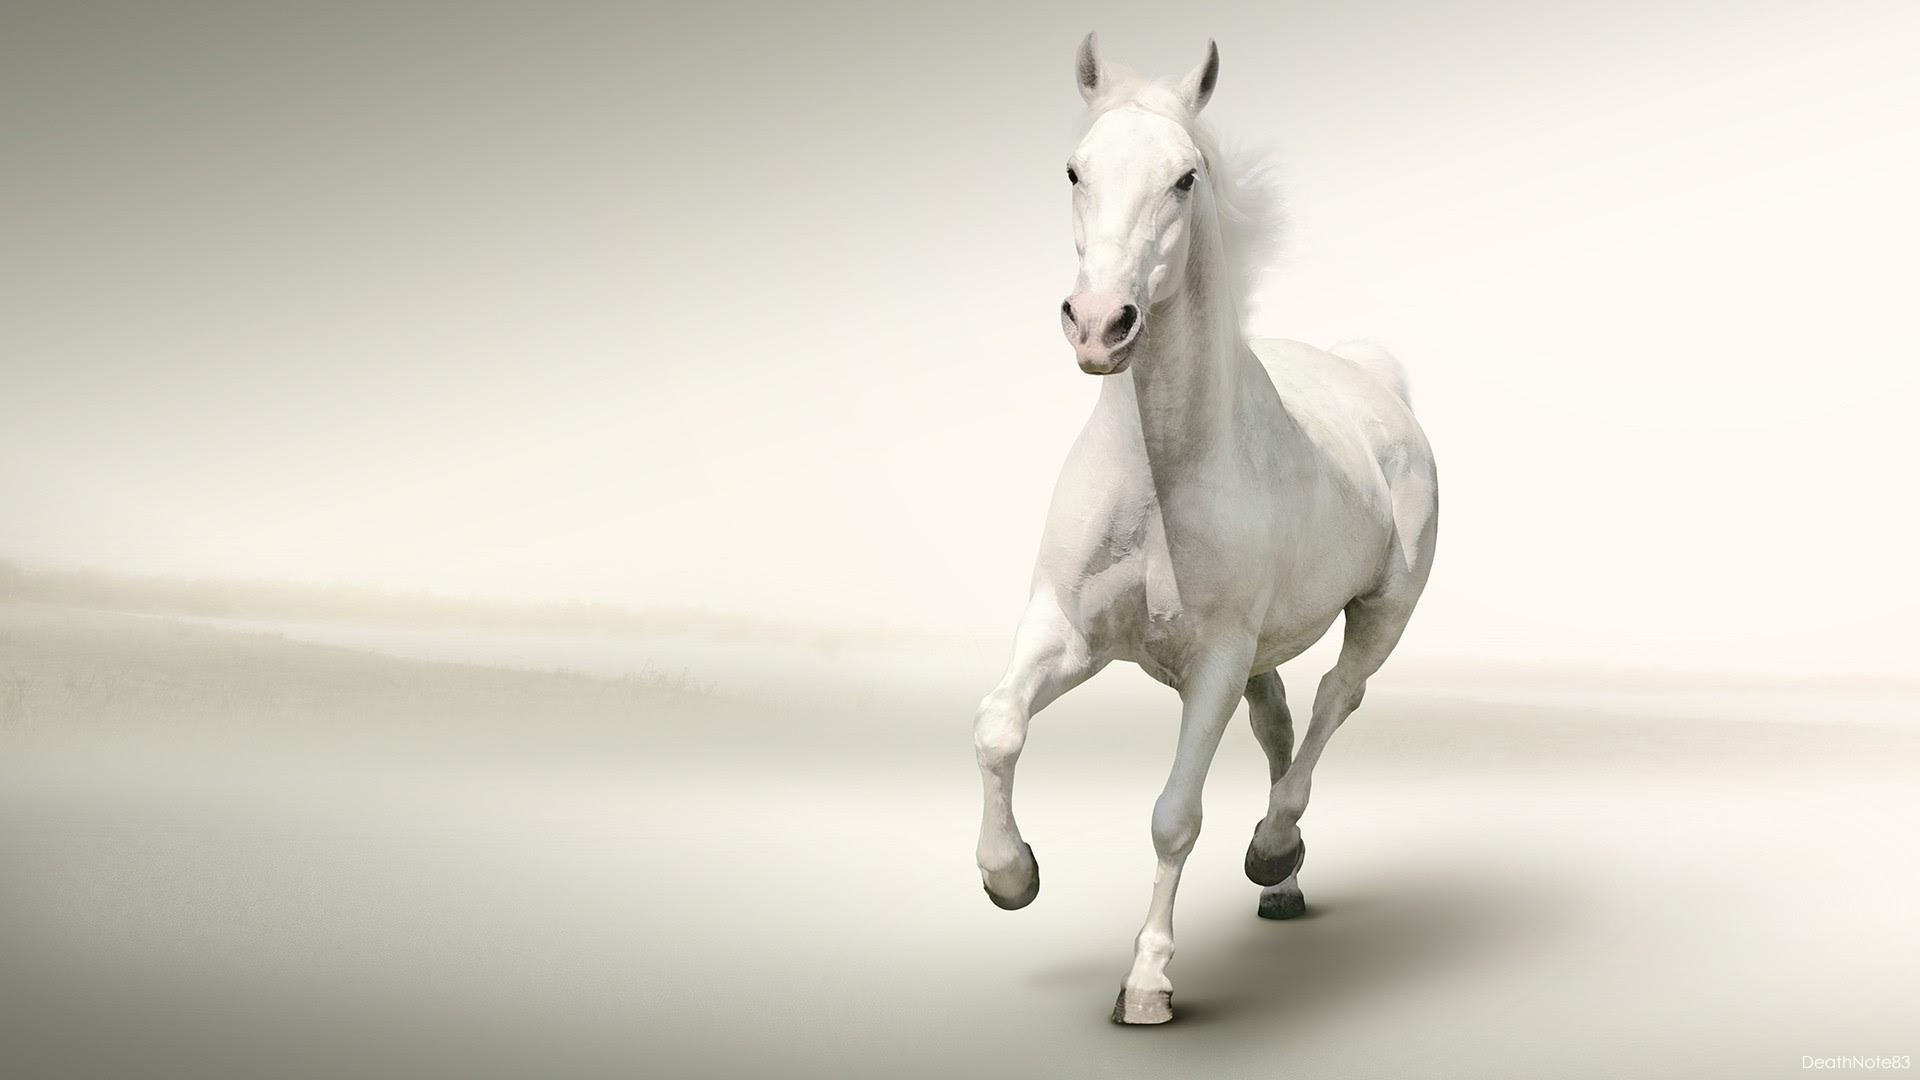 White Horse Full Hd 7 Horse Hd ...